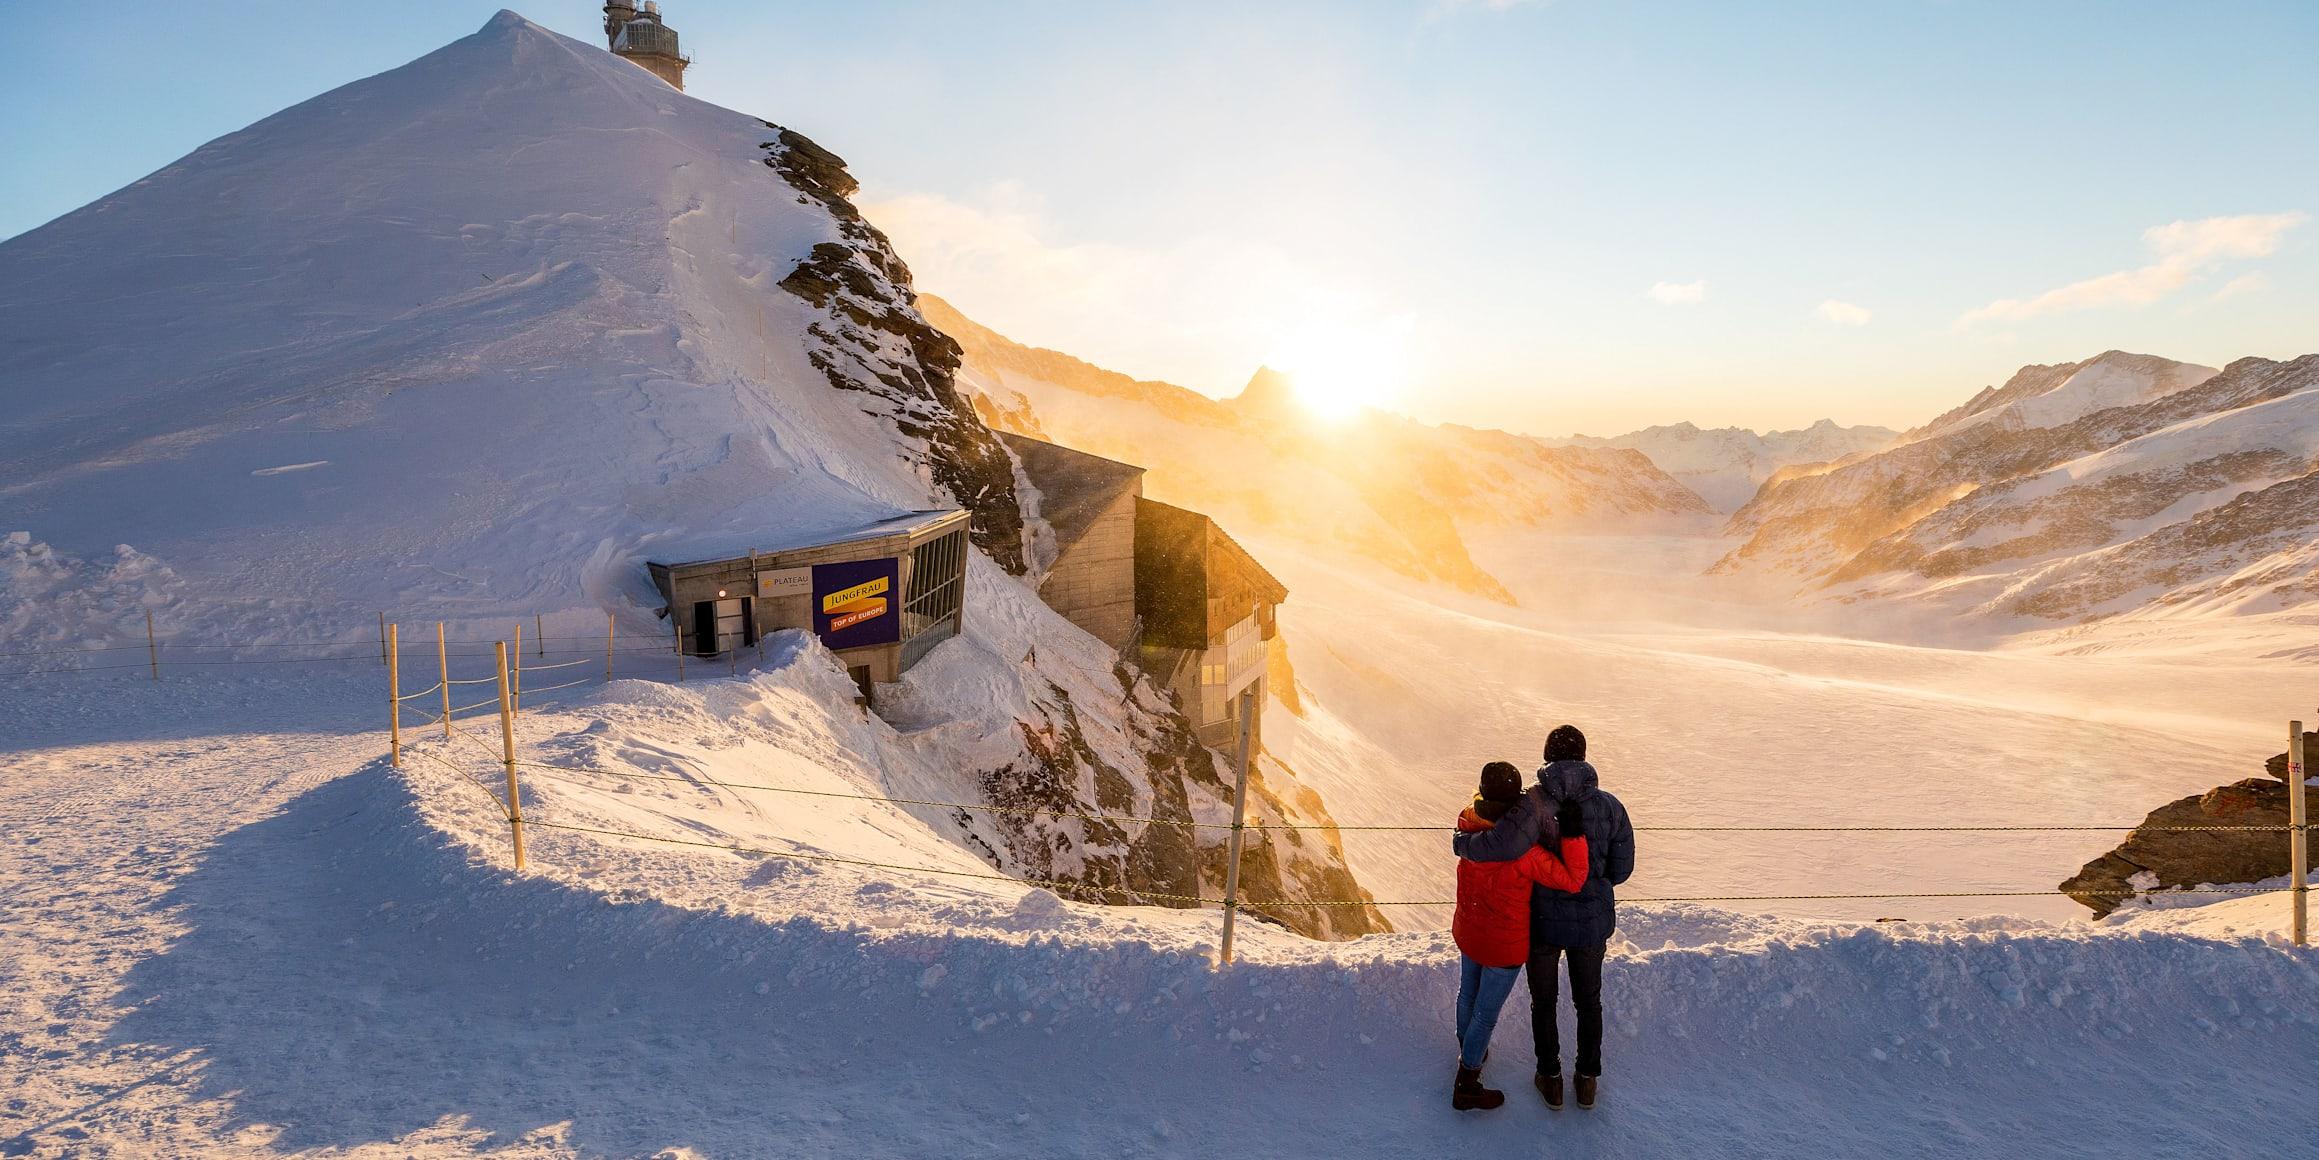 Ambiance du soir et du matin, activités et expérience, Jungfraujoch, Jungfraujoch-Top-of-Europe, Plateau, été, relations, hiver, jungfrau.ch